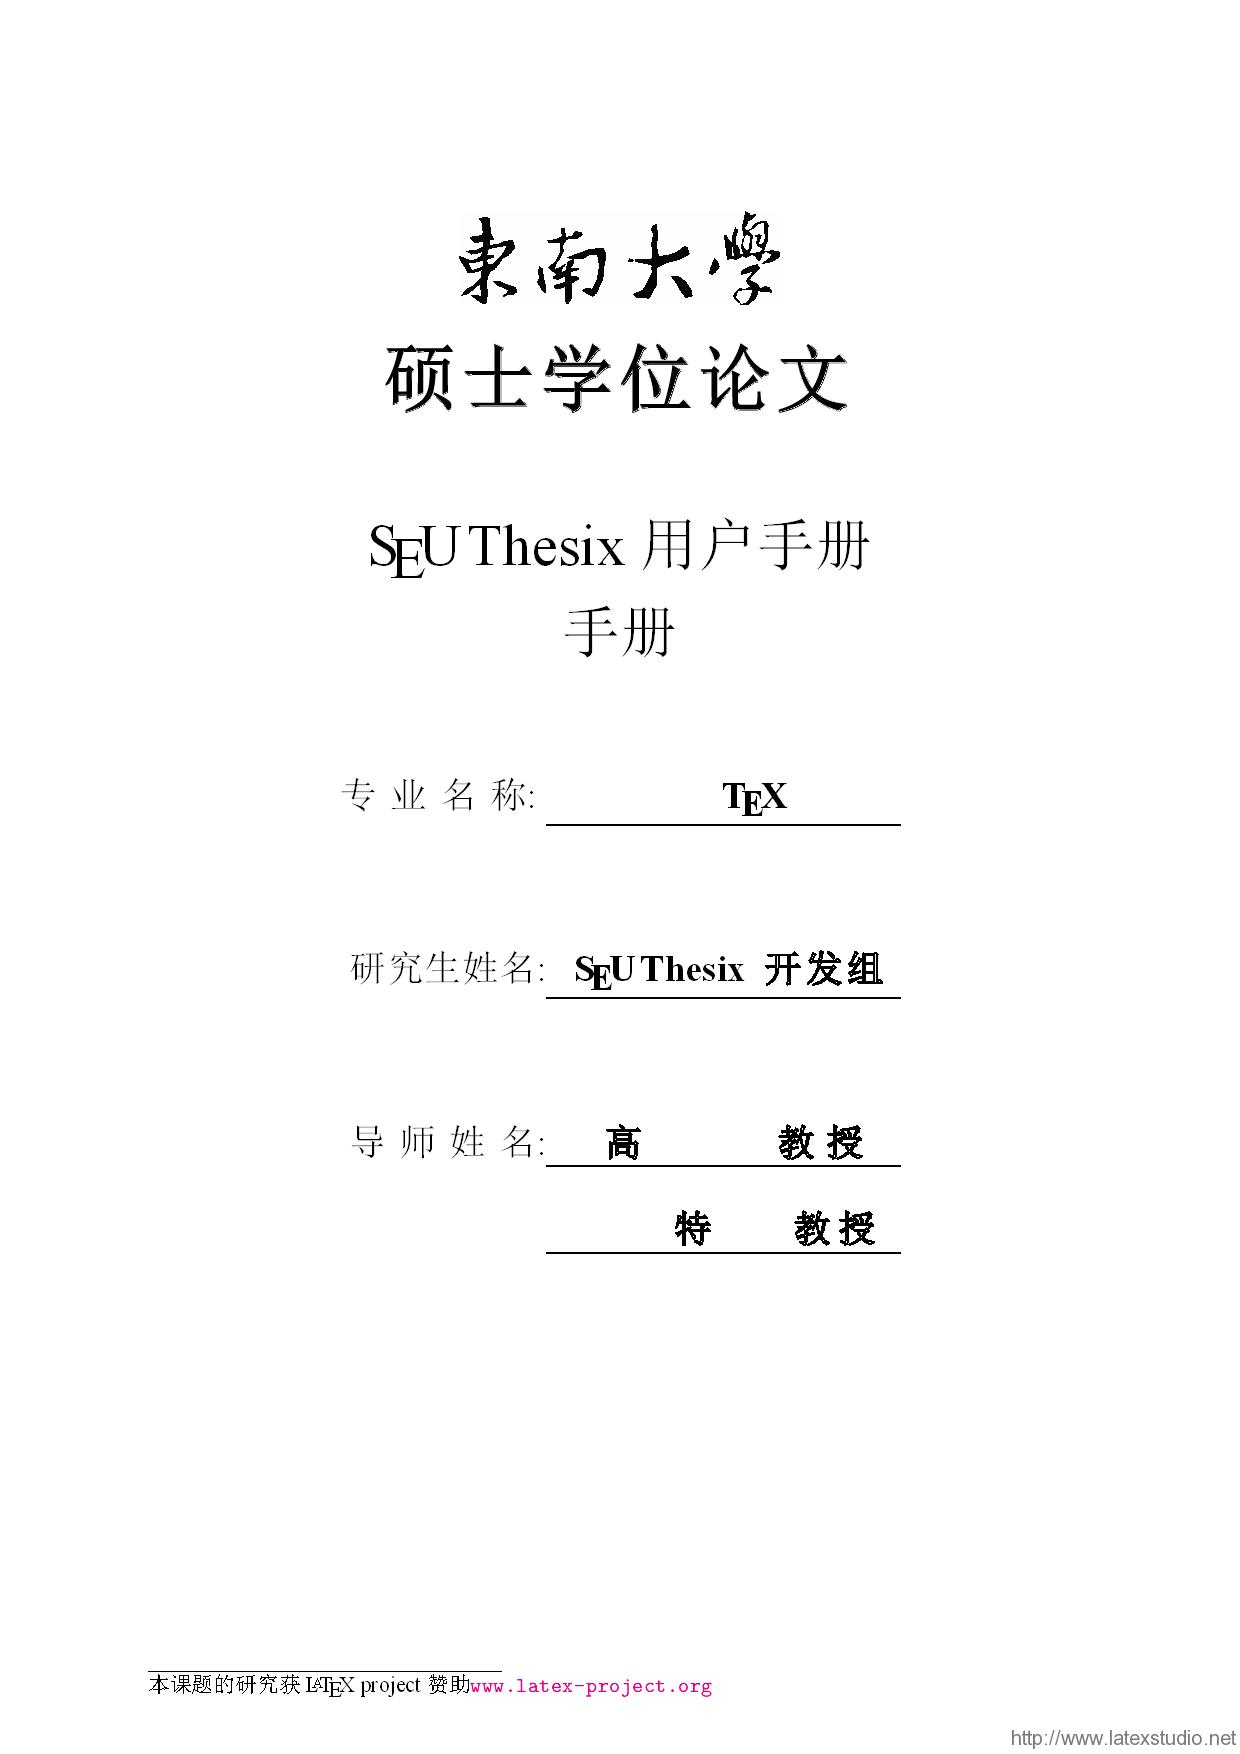 seuthesixpage-004